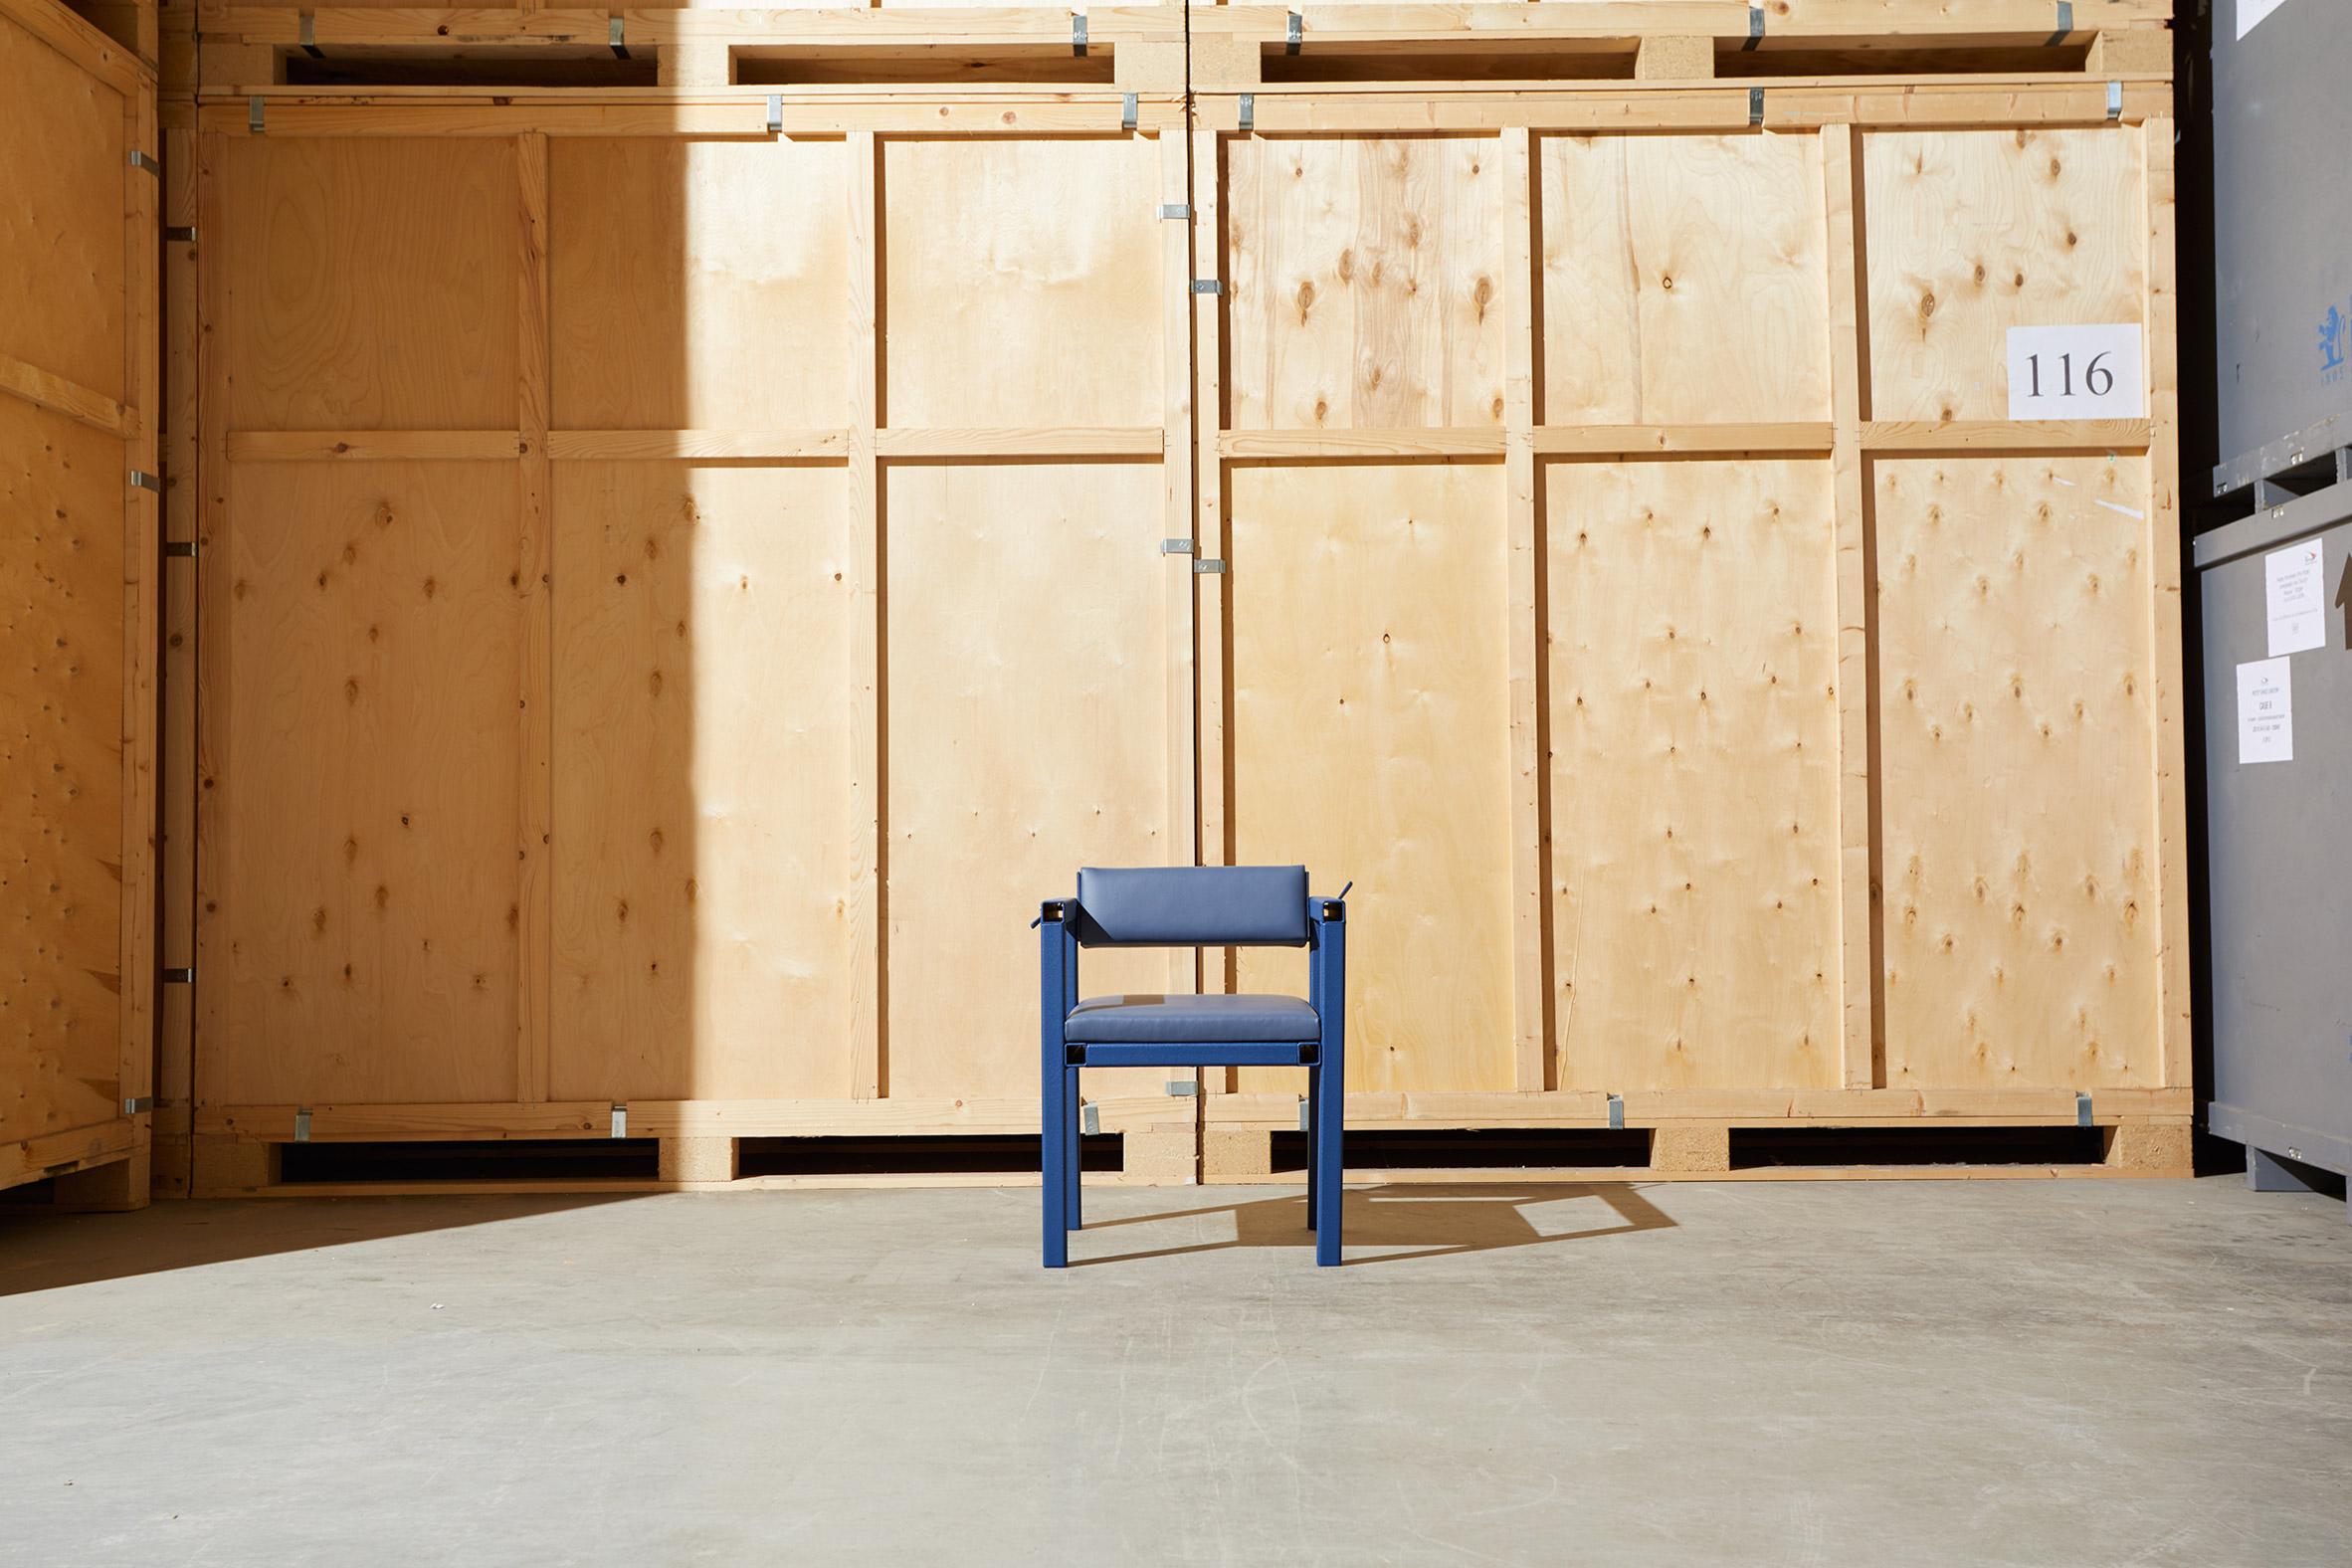 design-miami-basel-philippe-malouin-design-furniture_dezeen_2364_col_11.jpg